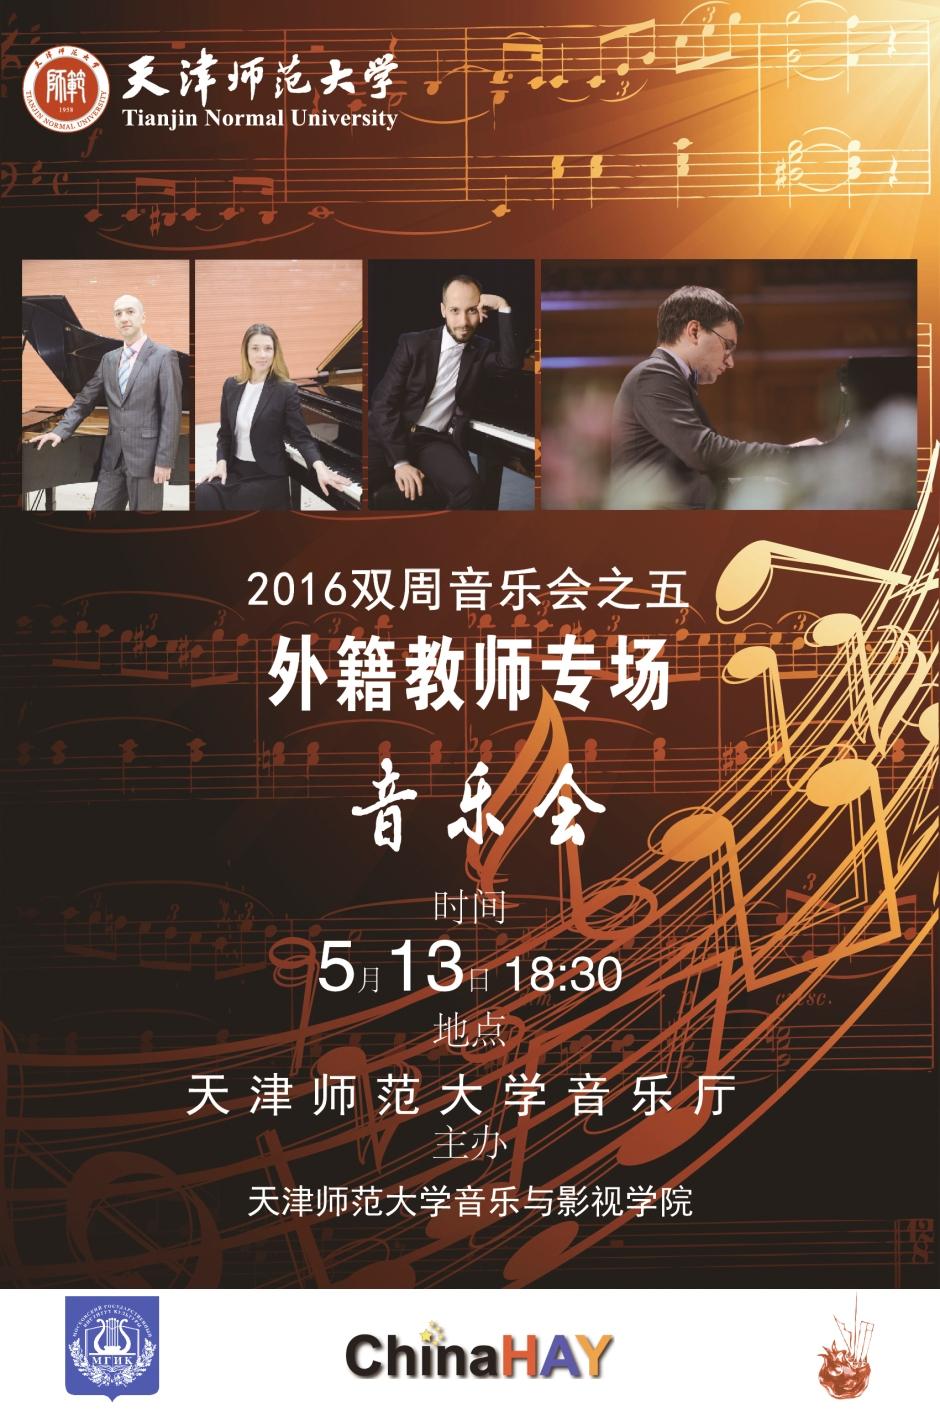 音乐会分场海报第二场-001